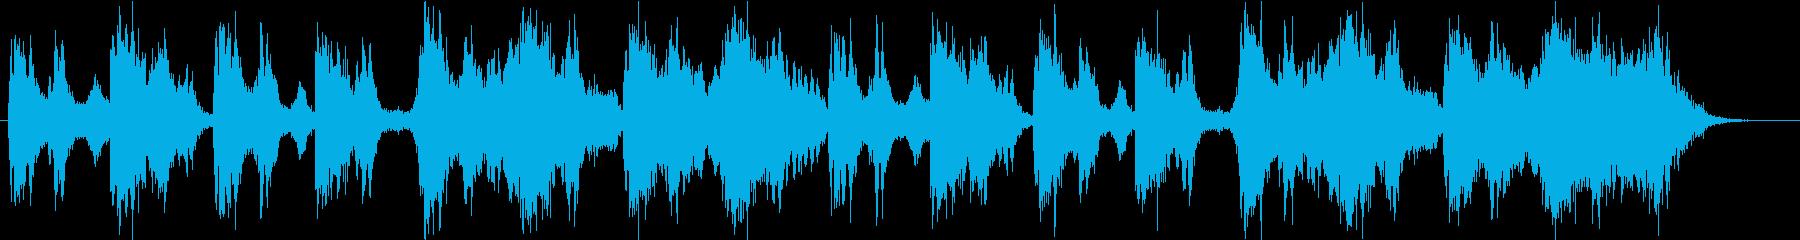 緊張感のある尺八入りBGM B21の再生済みの波形